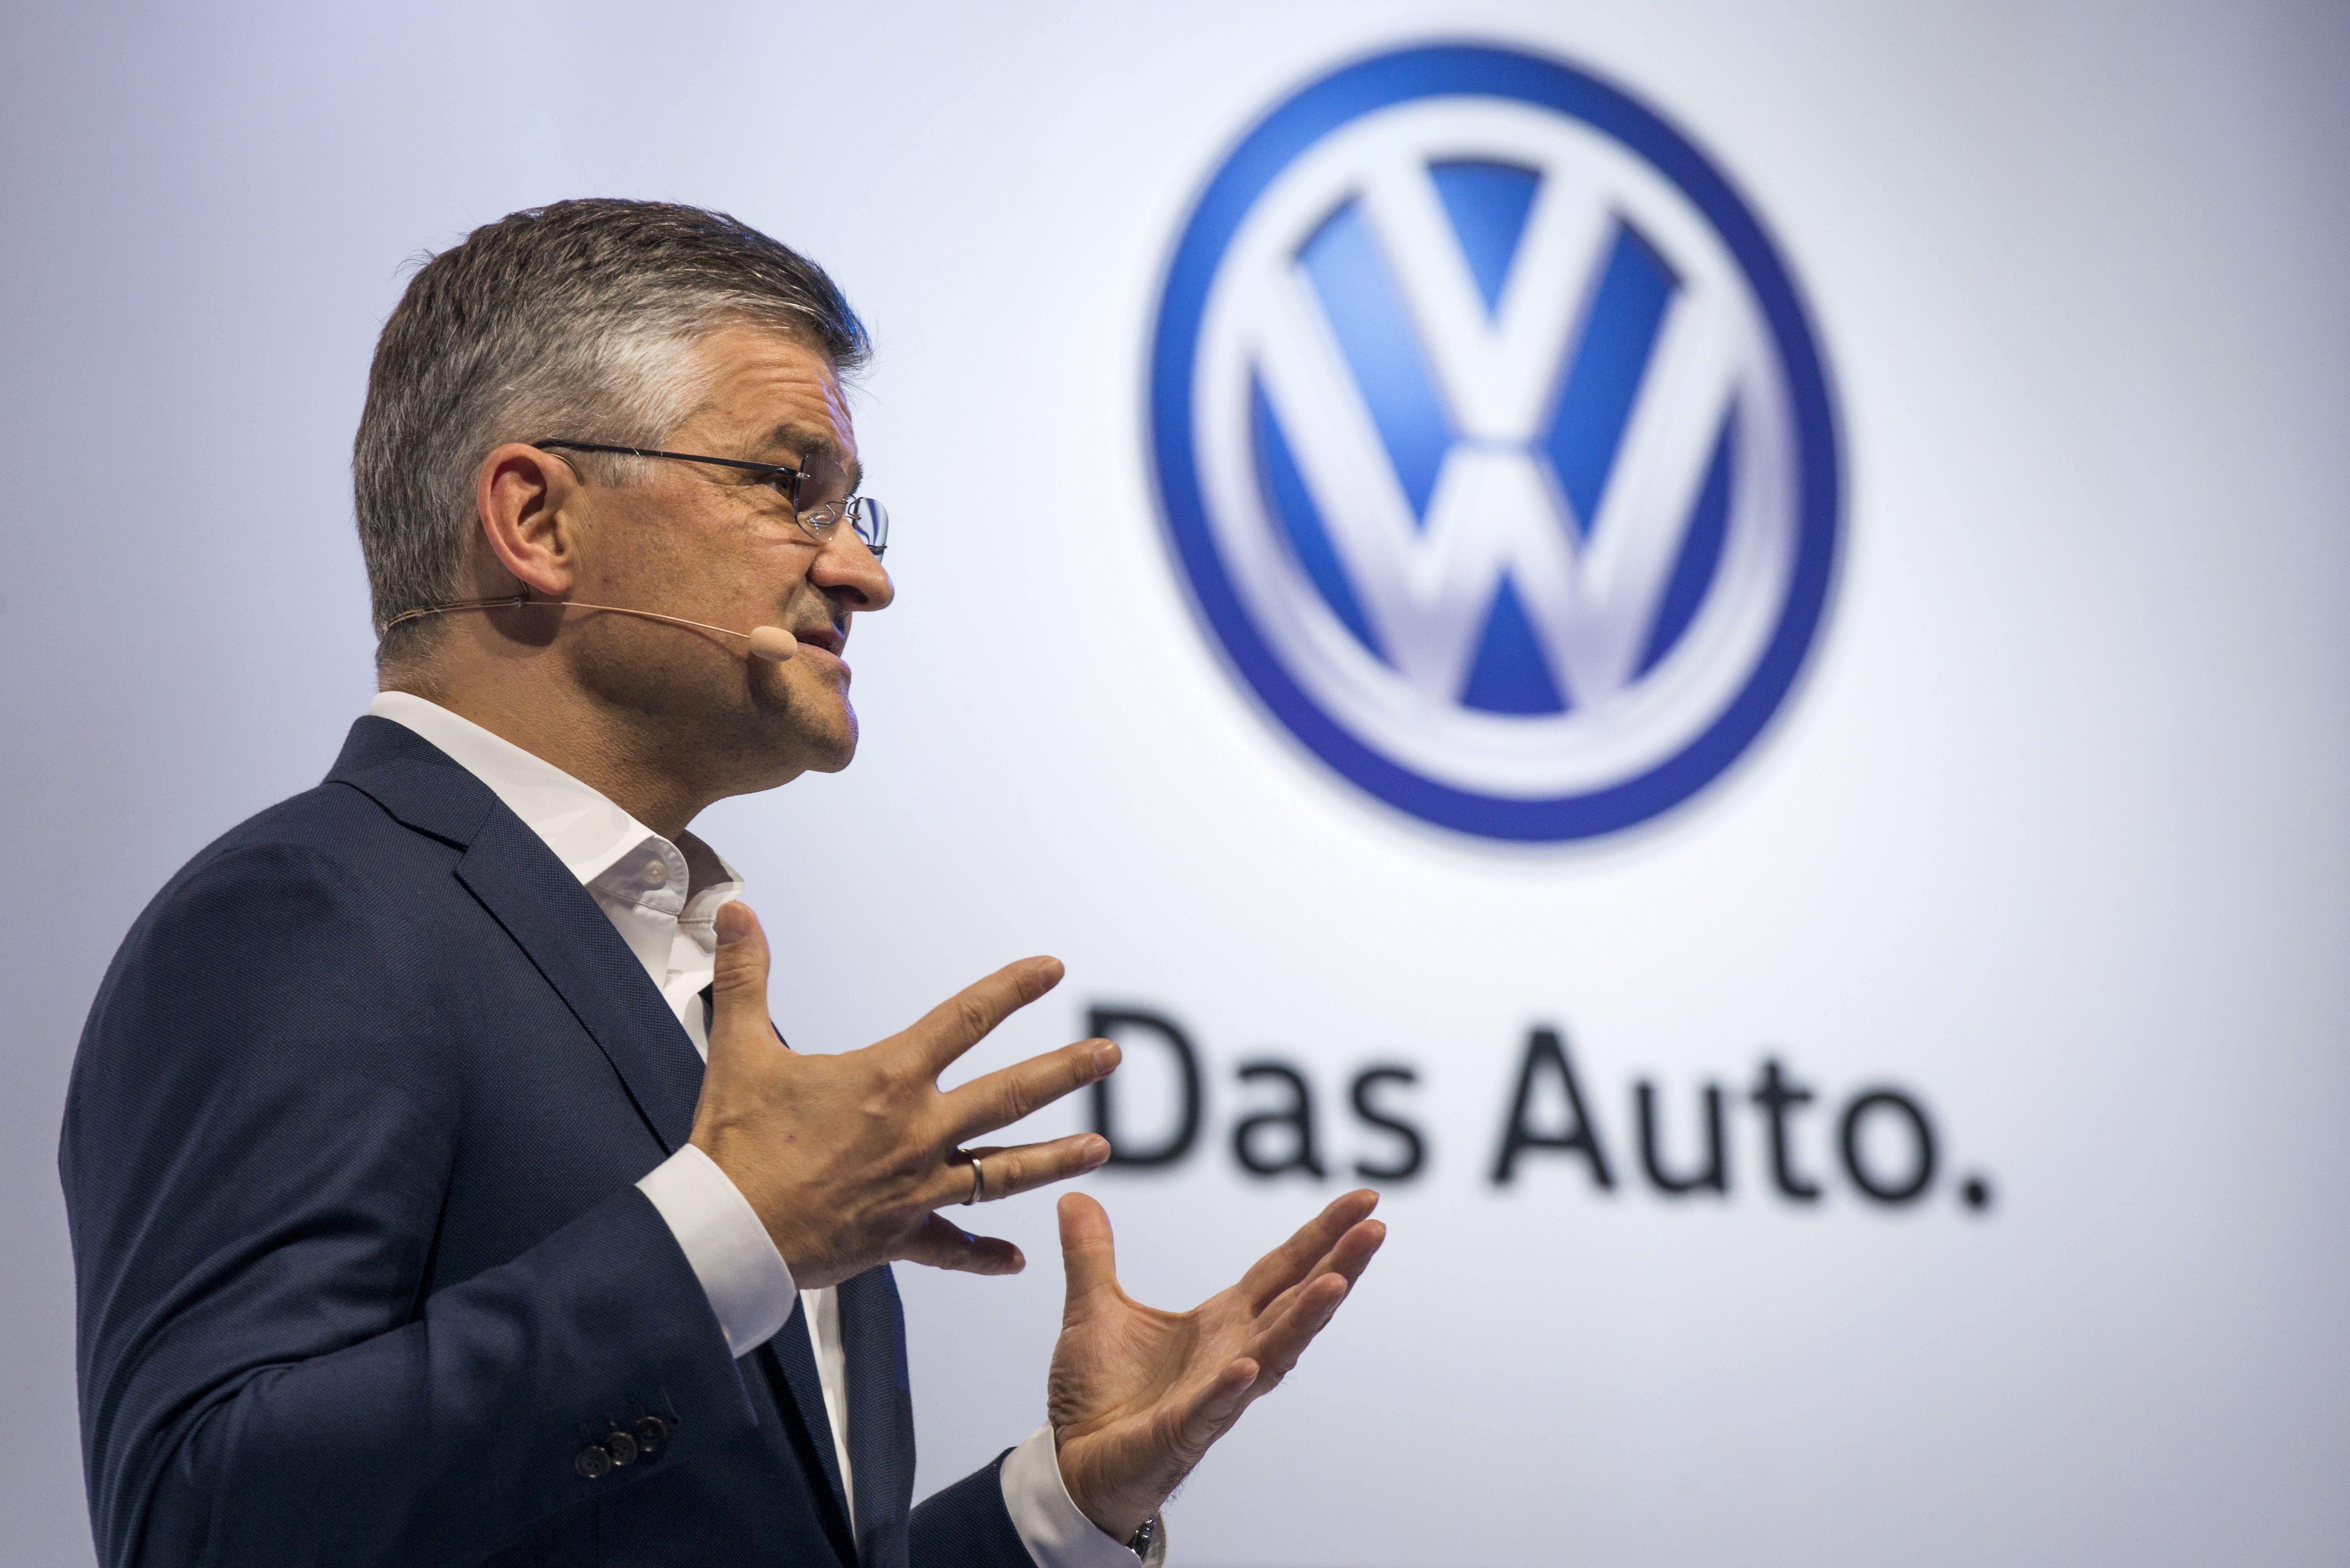 Cette économie représente 3 milliards d'euros sur 11 millions de véhicules.